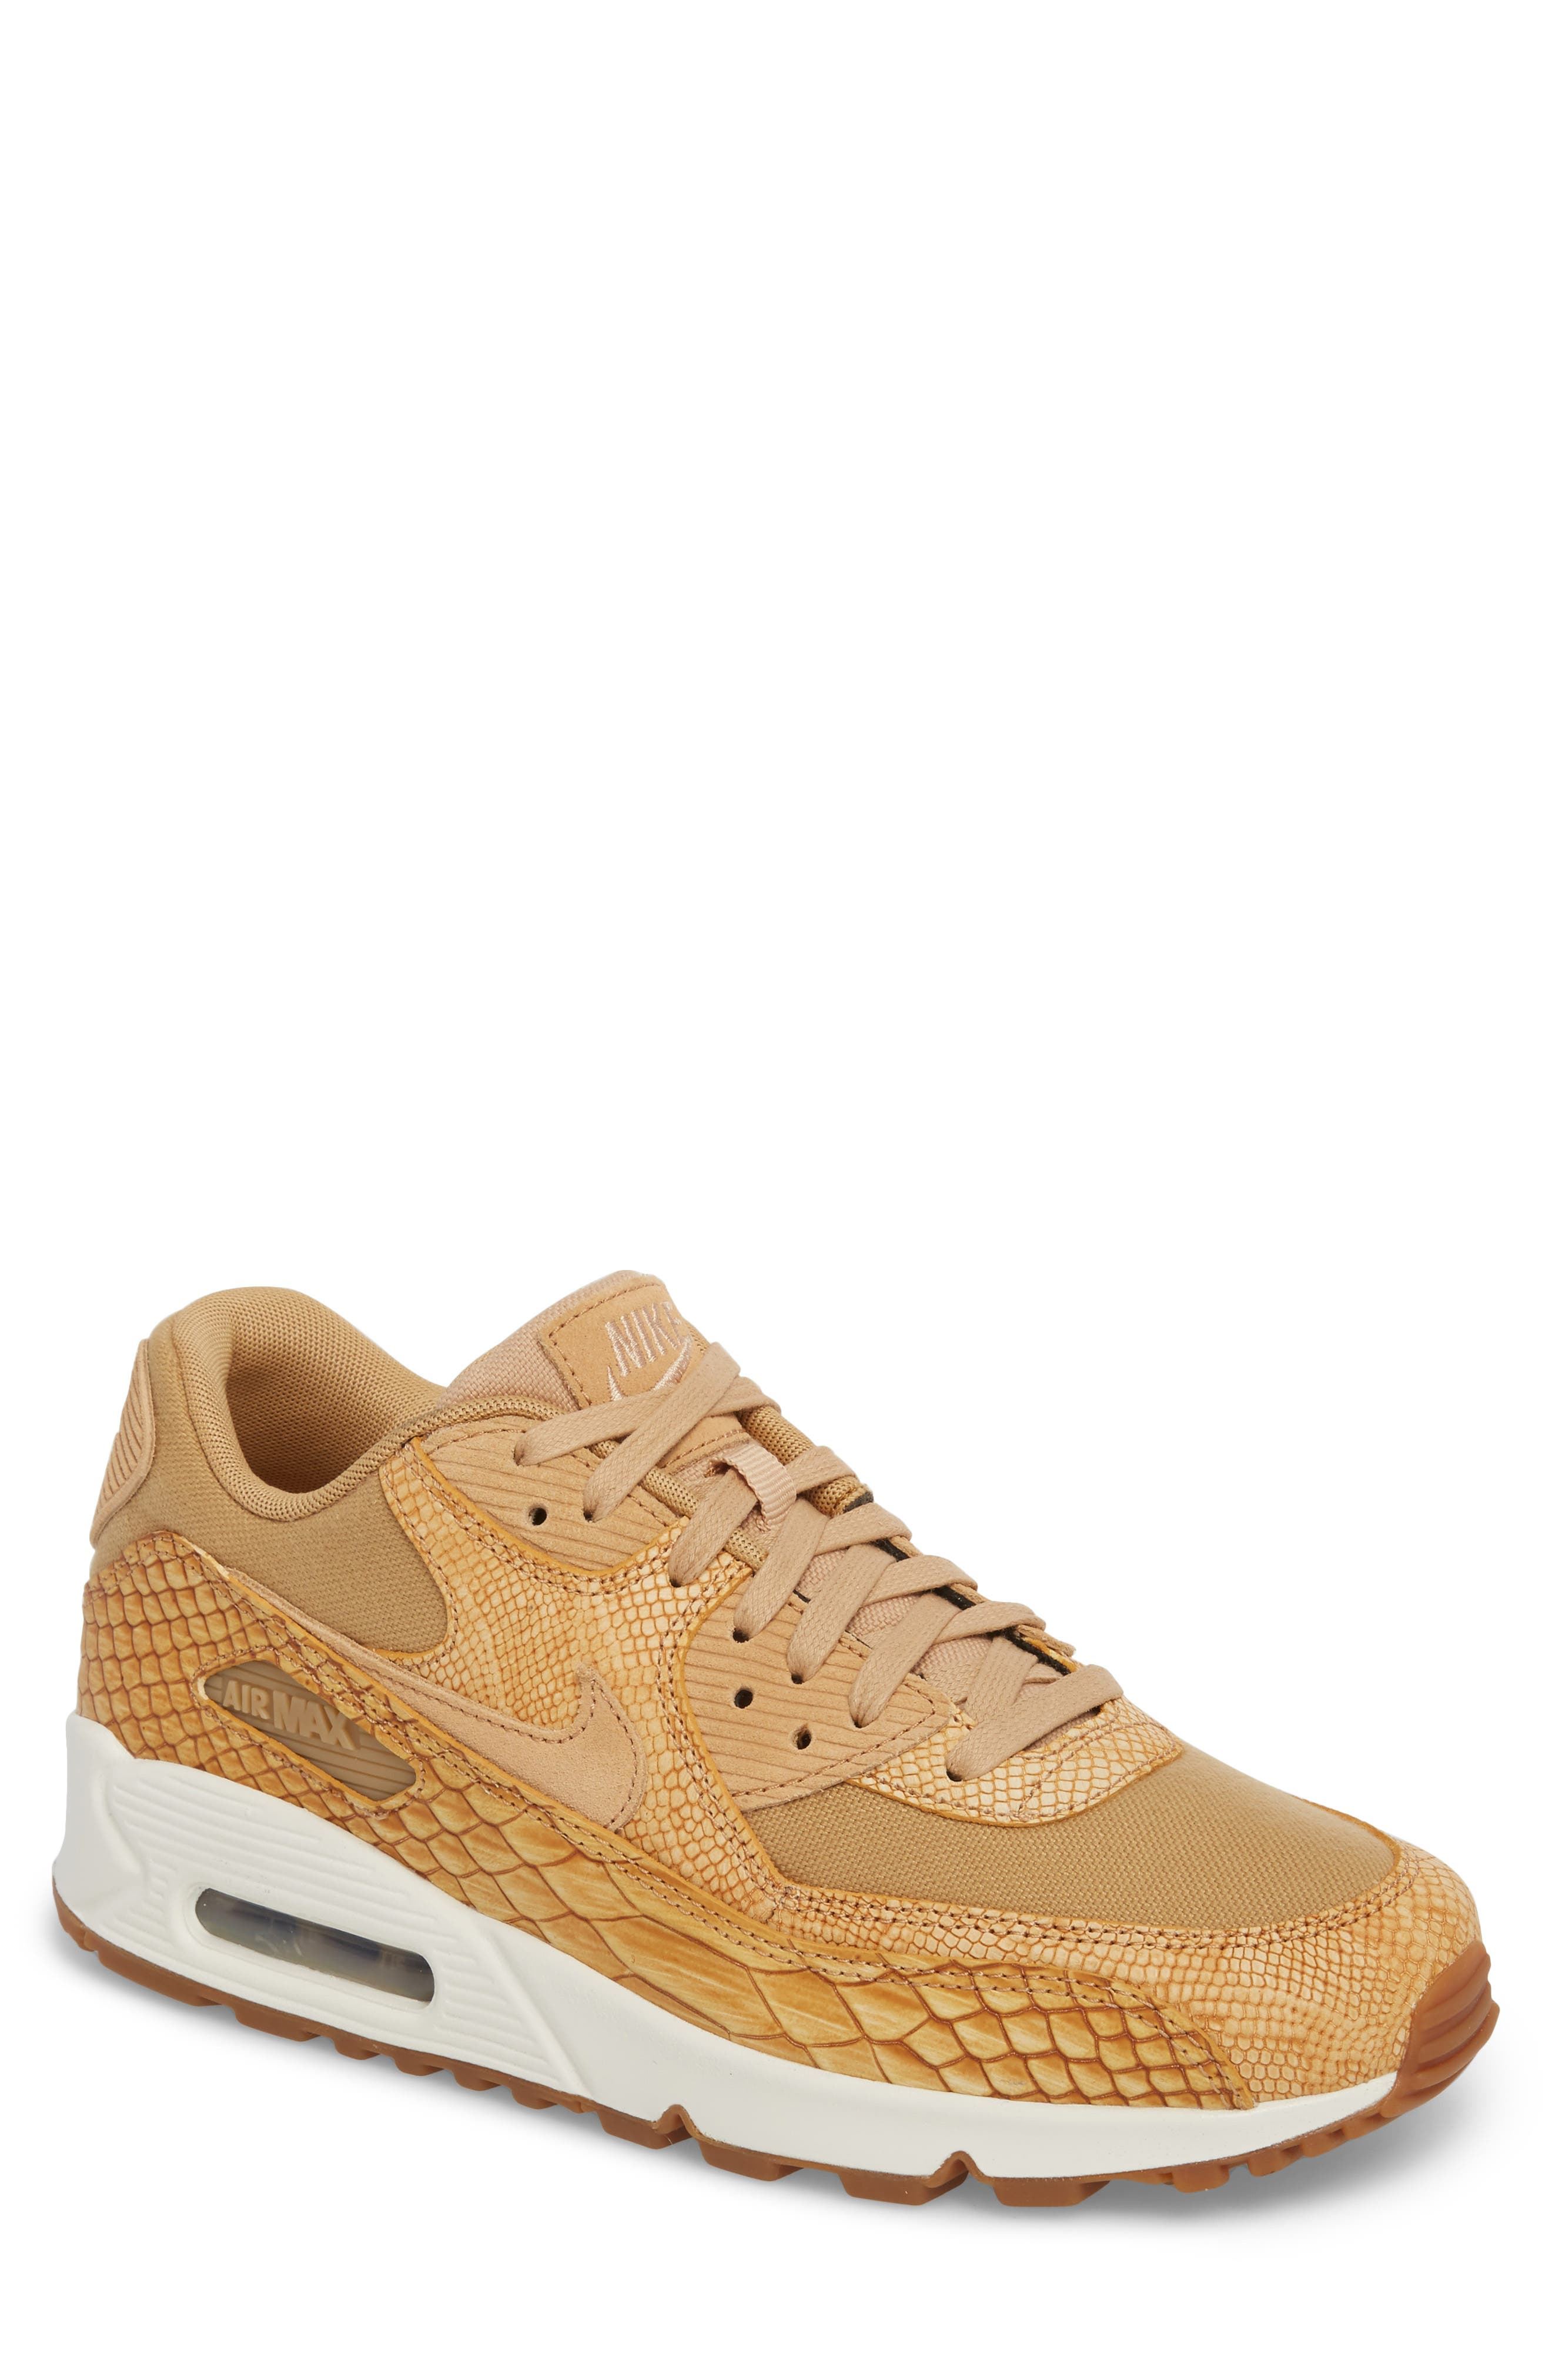 NIKE,                             Air Max 90 Premium Sneaker,                             Main thumbnail 1, color,                             200